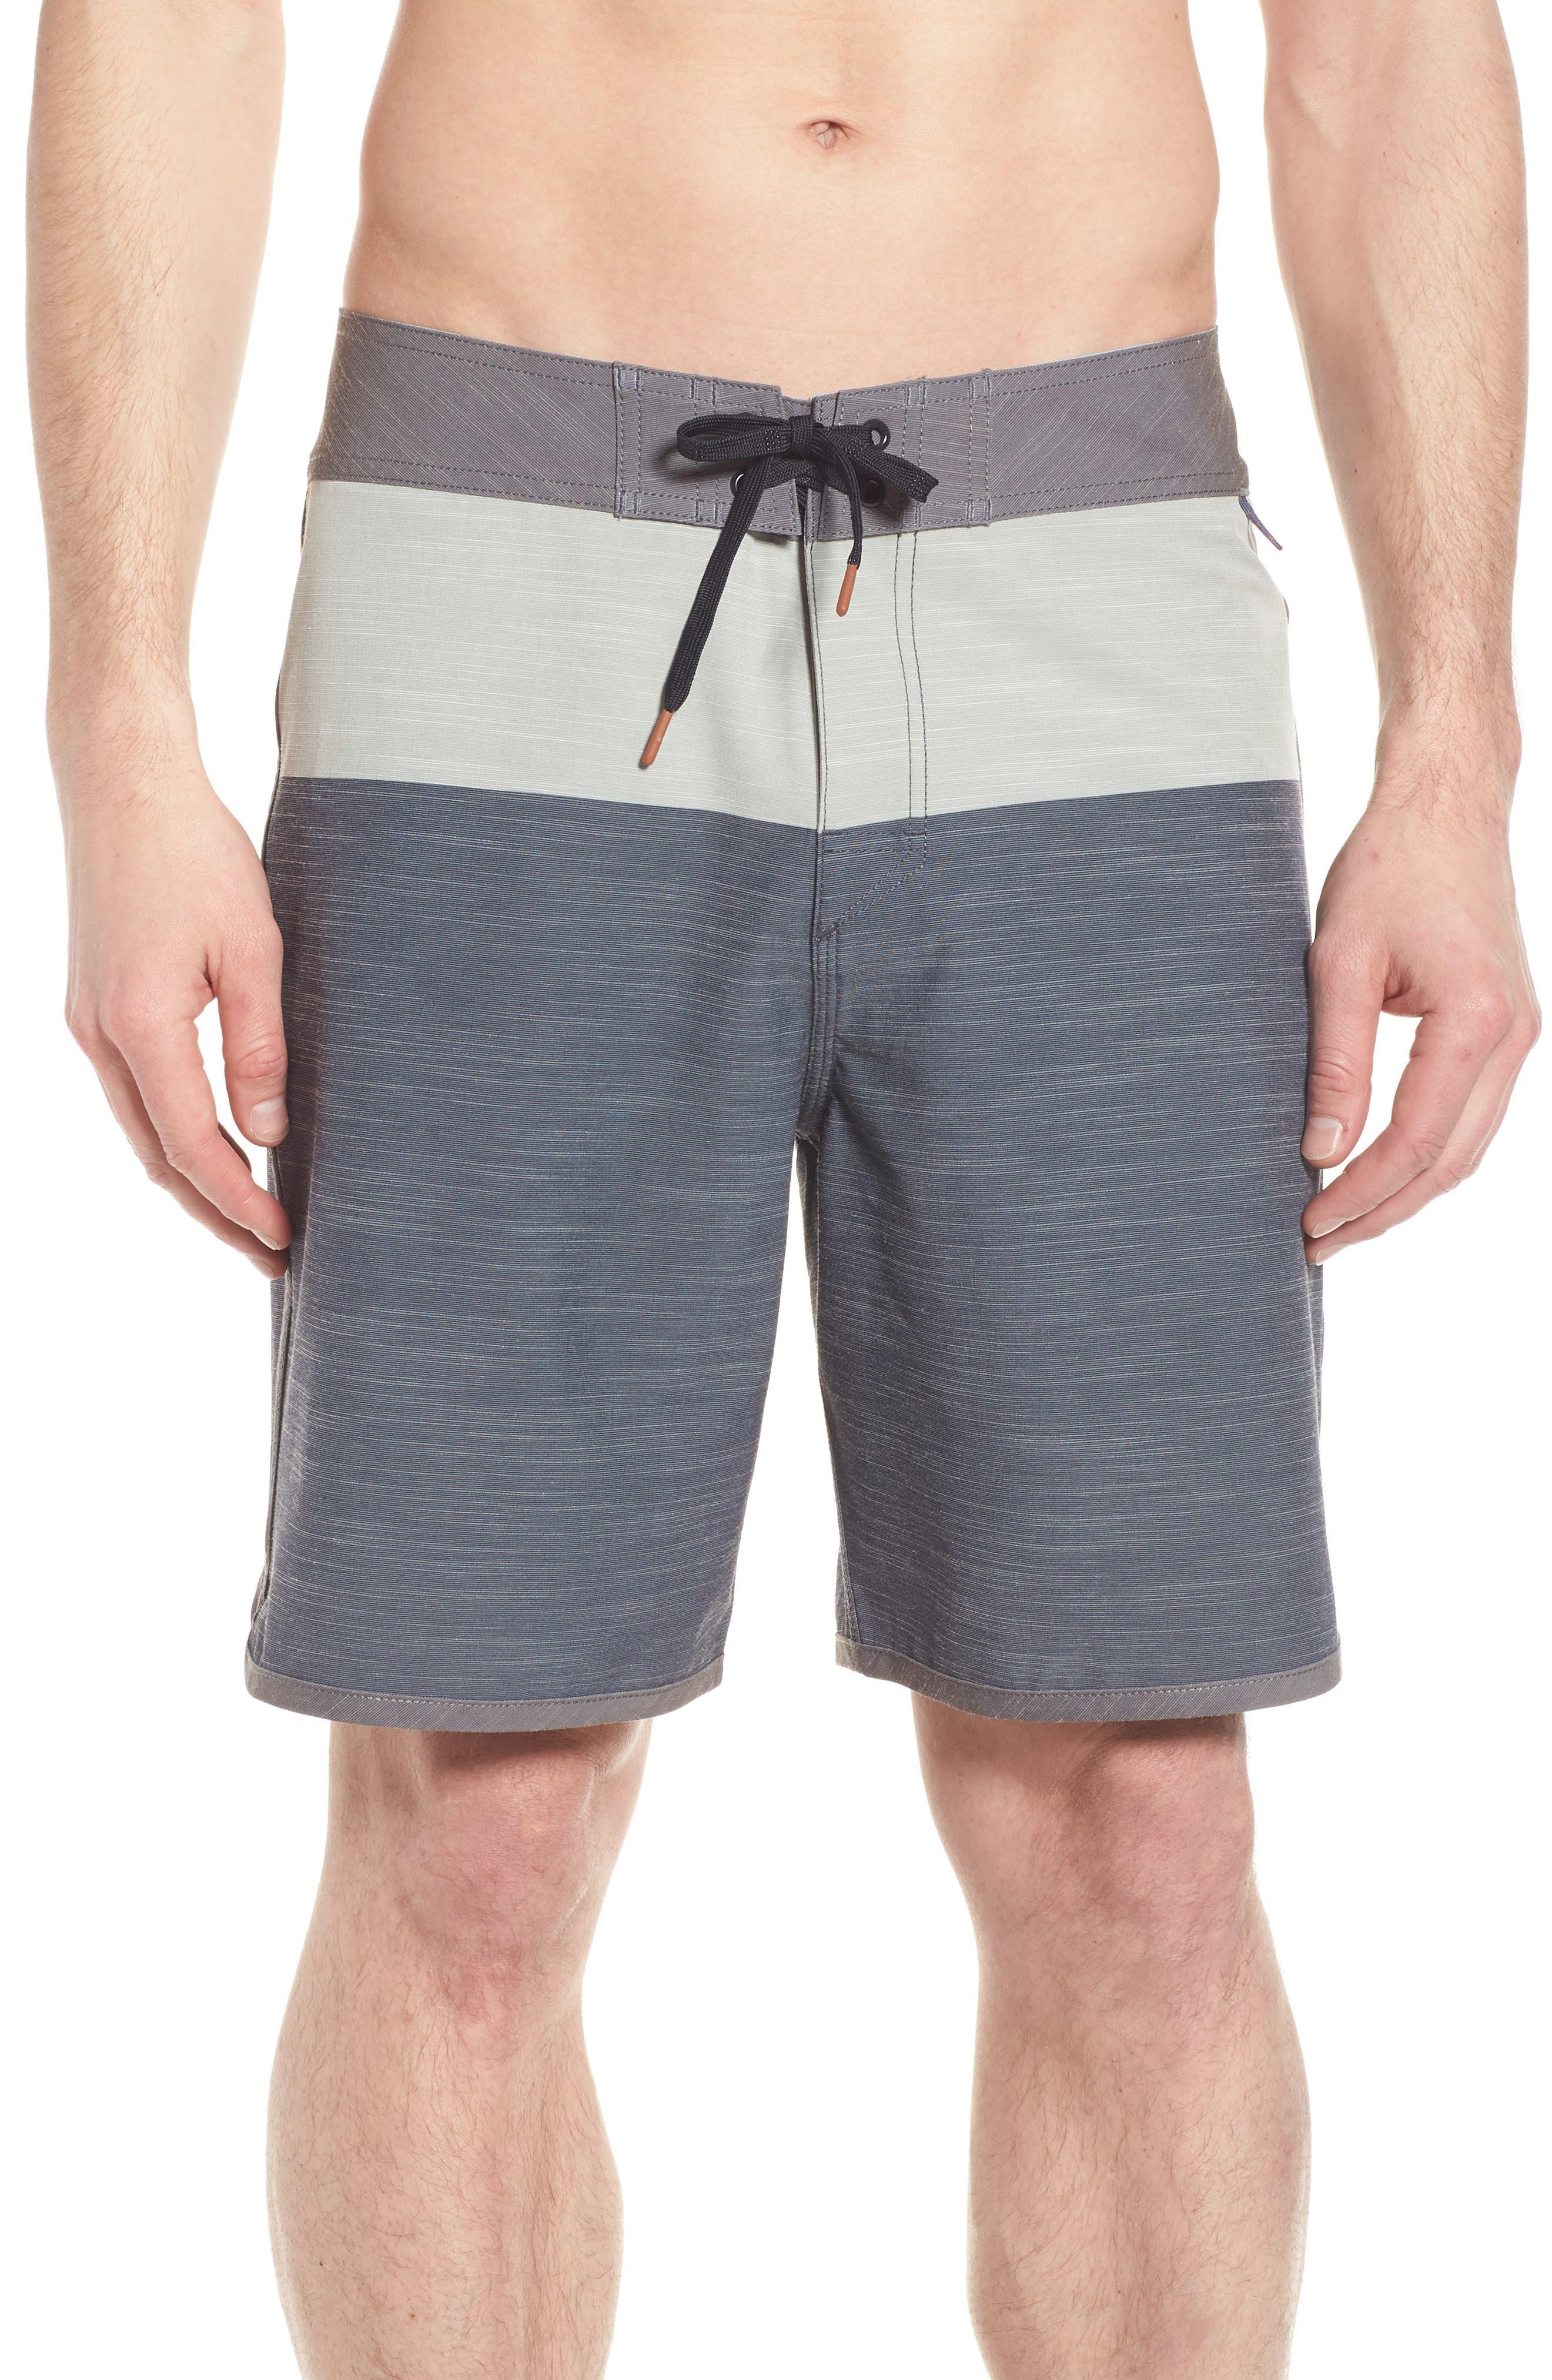 Beachcomber Board Shorts,                             Main thumbnail 1, color,                             CHARCOAL